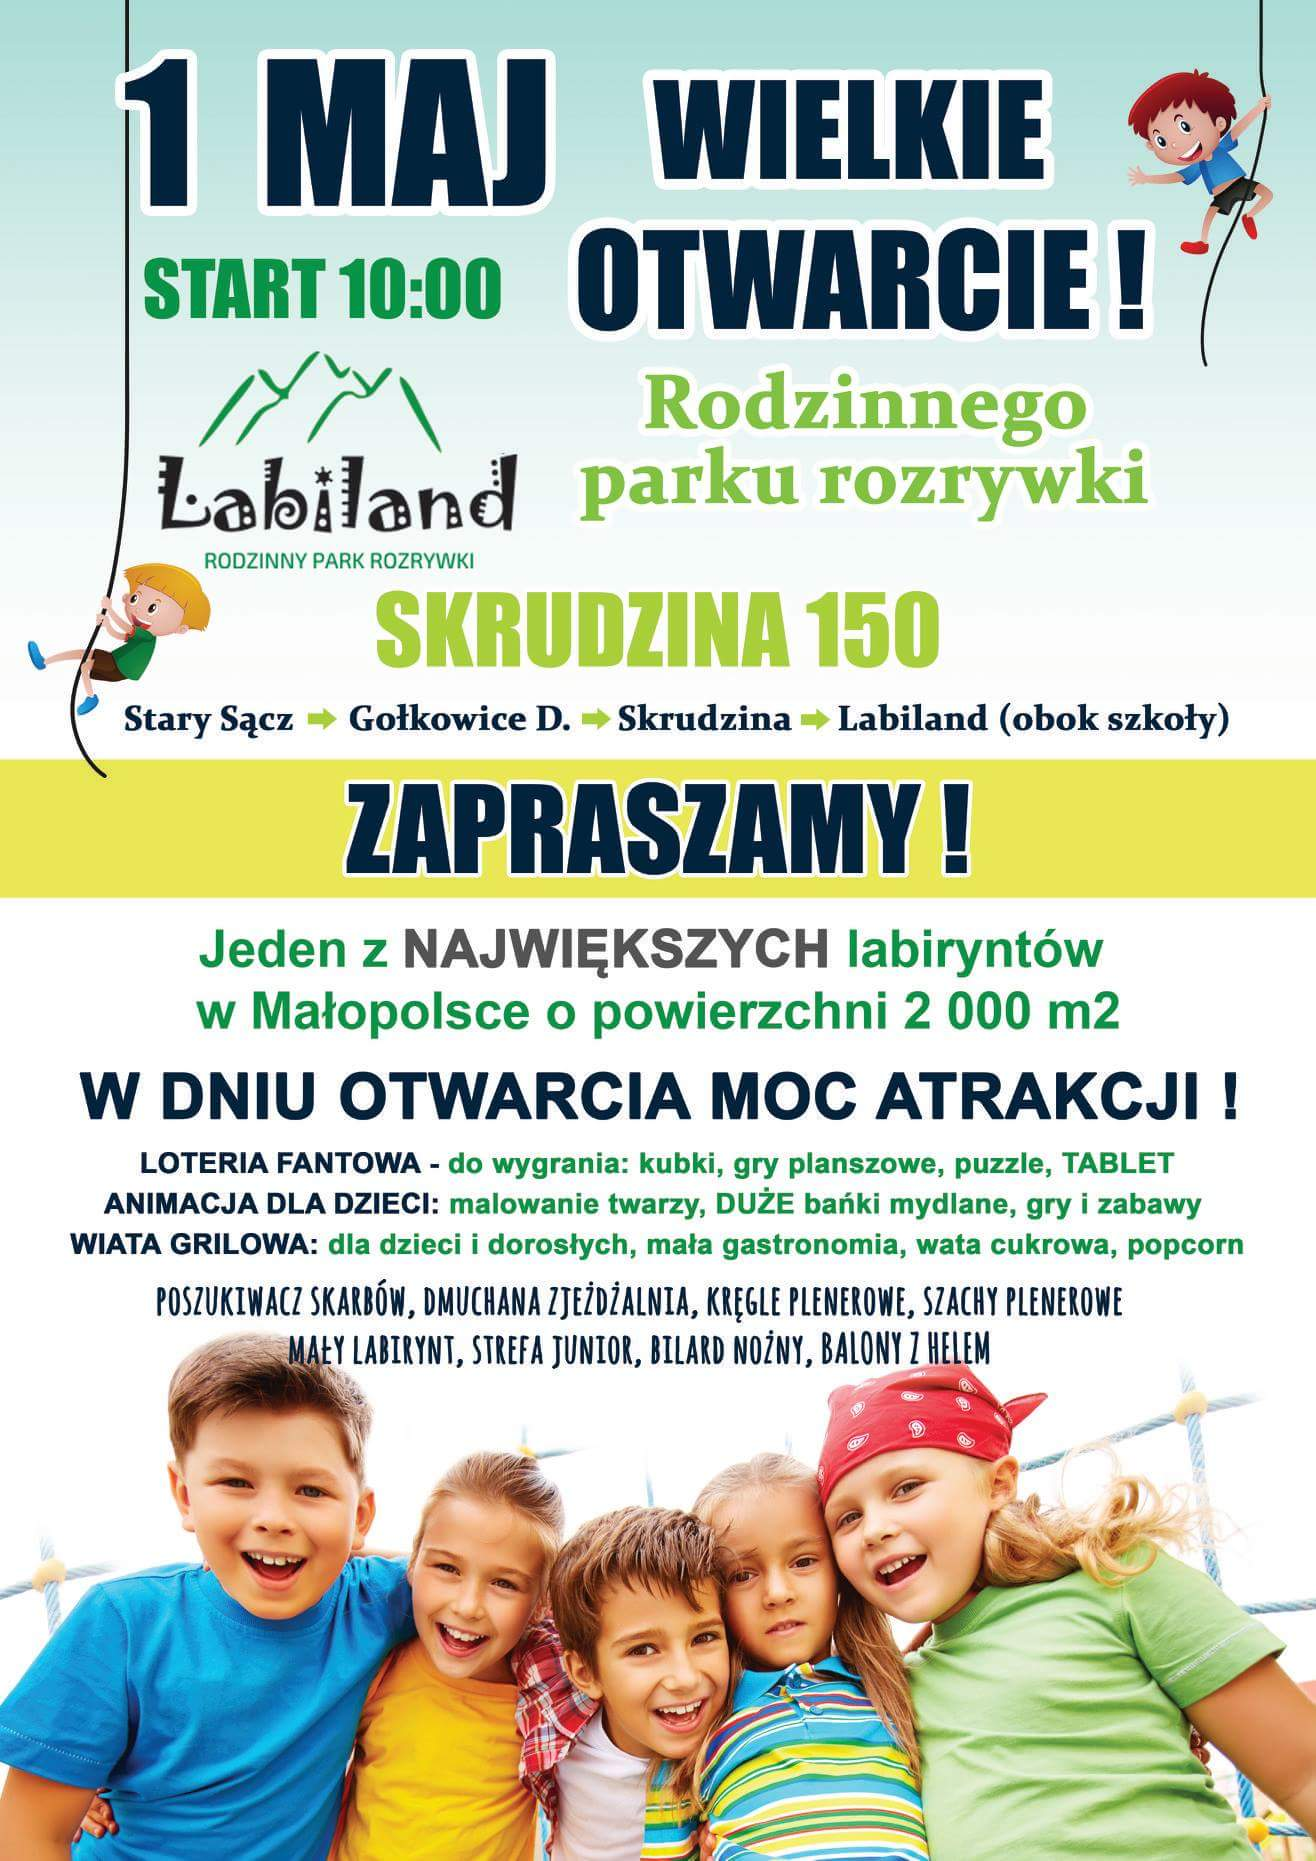 W Skrudzinie powstał LABILAND - rodzinny park rozrywki. Otwarcie 1 maja o 10:00